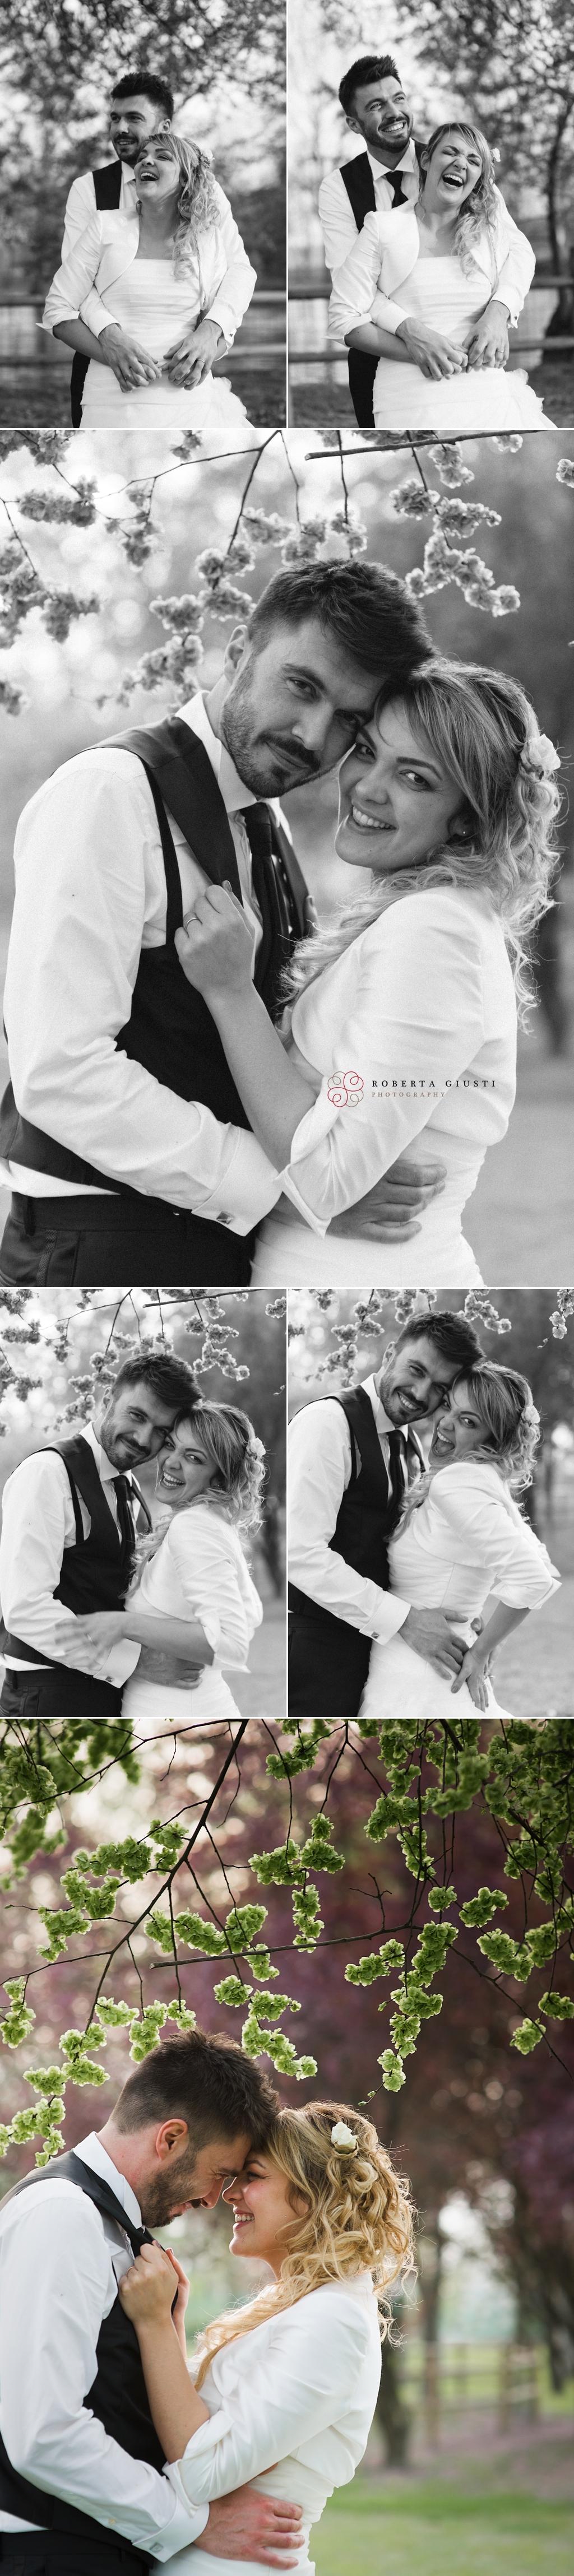 fotografo matrimonio La regina del bosco Camposanto Modena